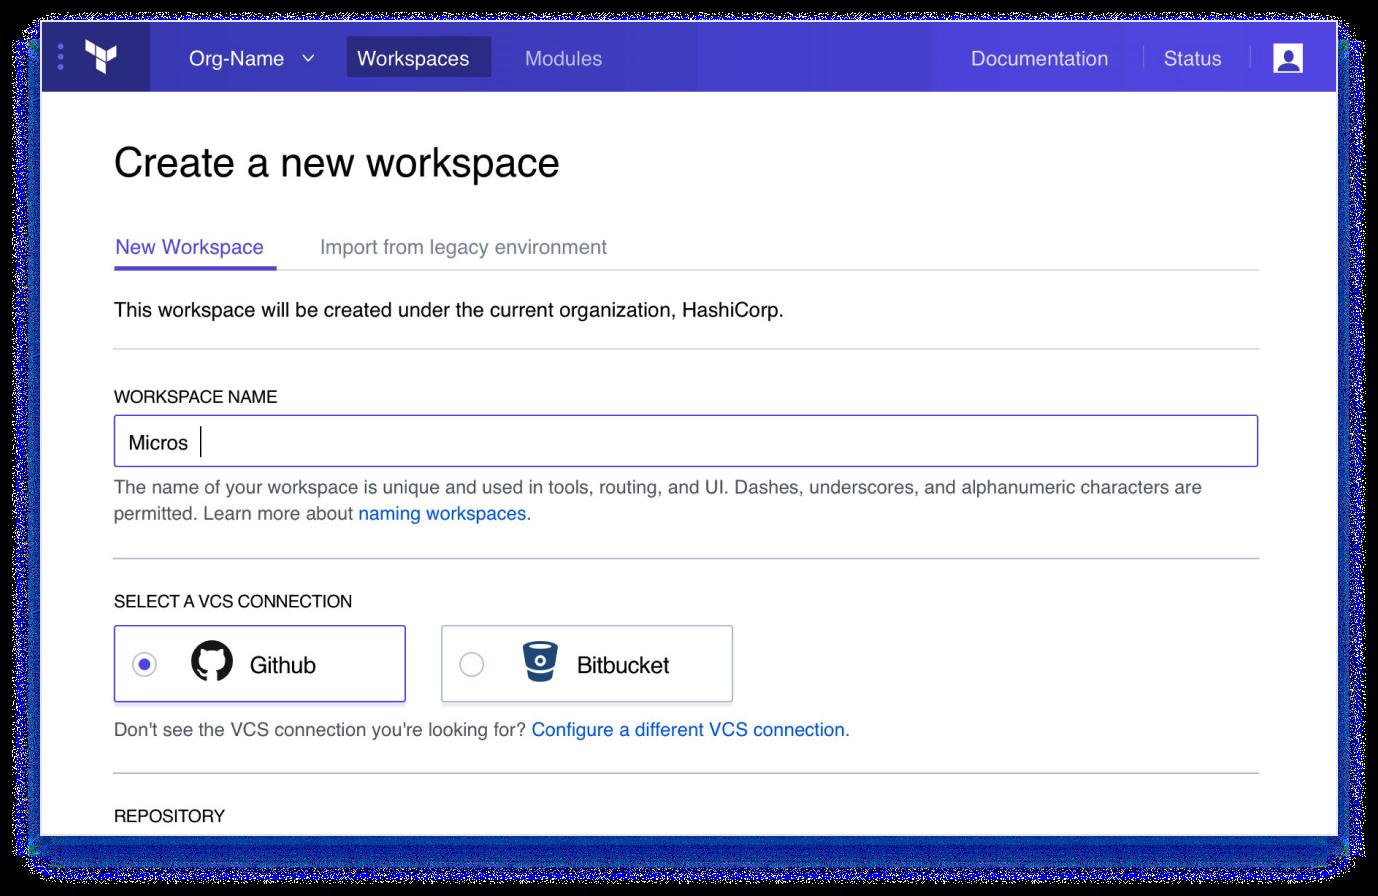 Dashboard - Create a New Workspace